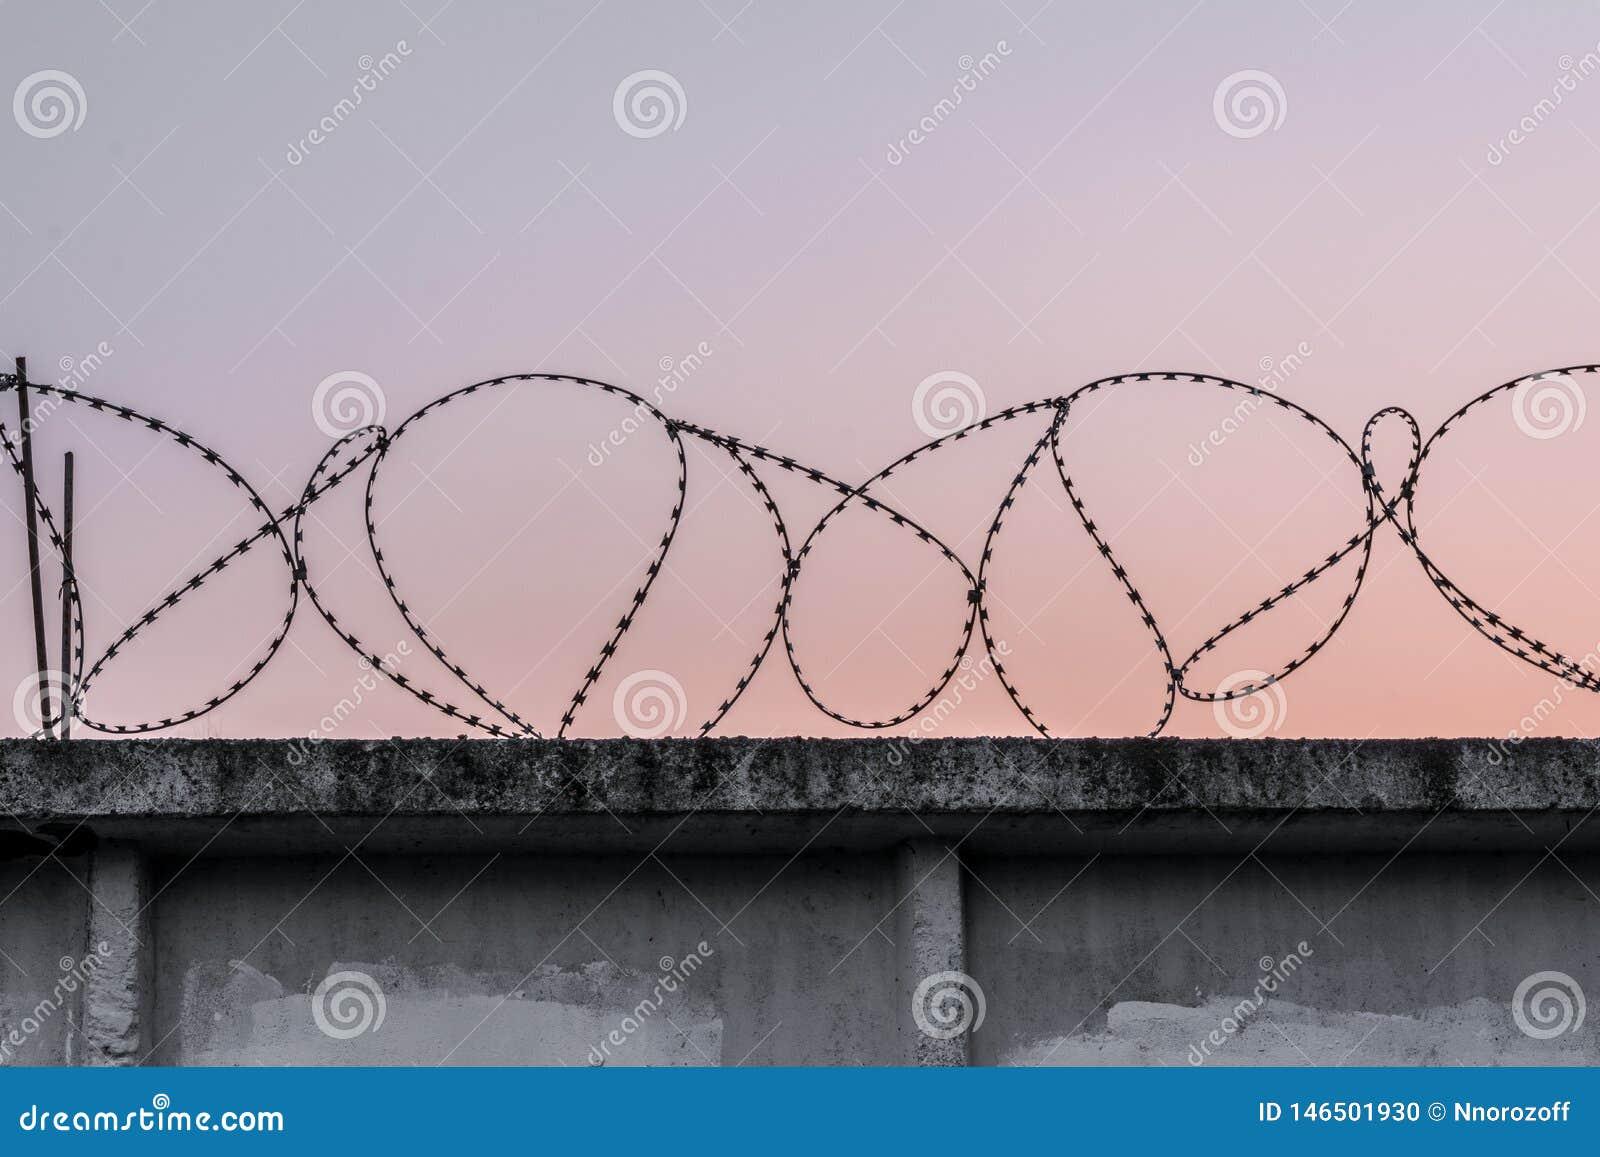 Muro de cemento con alambre de p?as contra un cielo de igualaci?n anaranjado azul